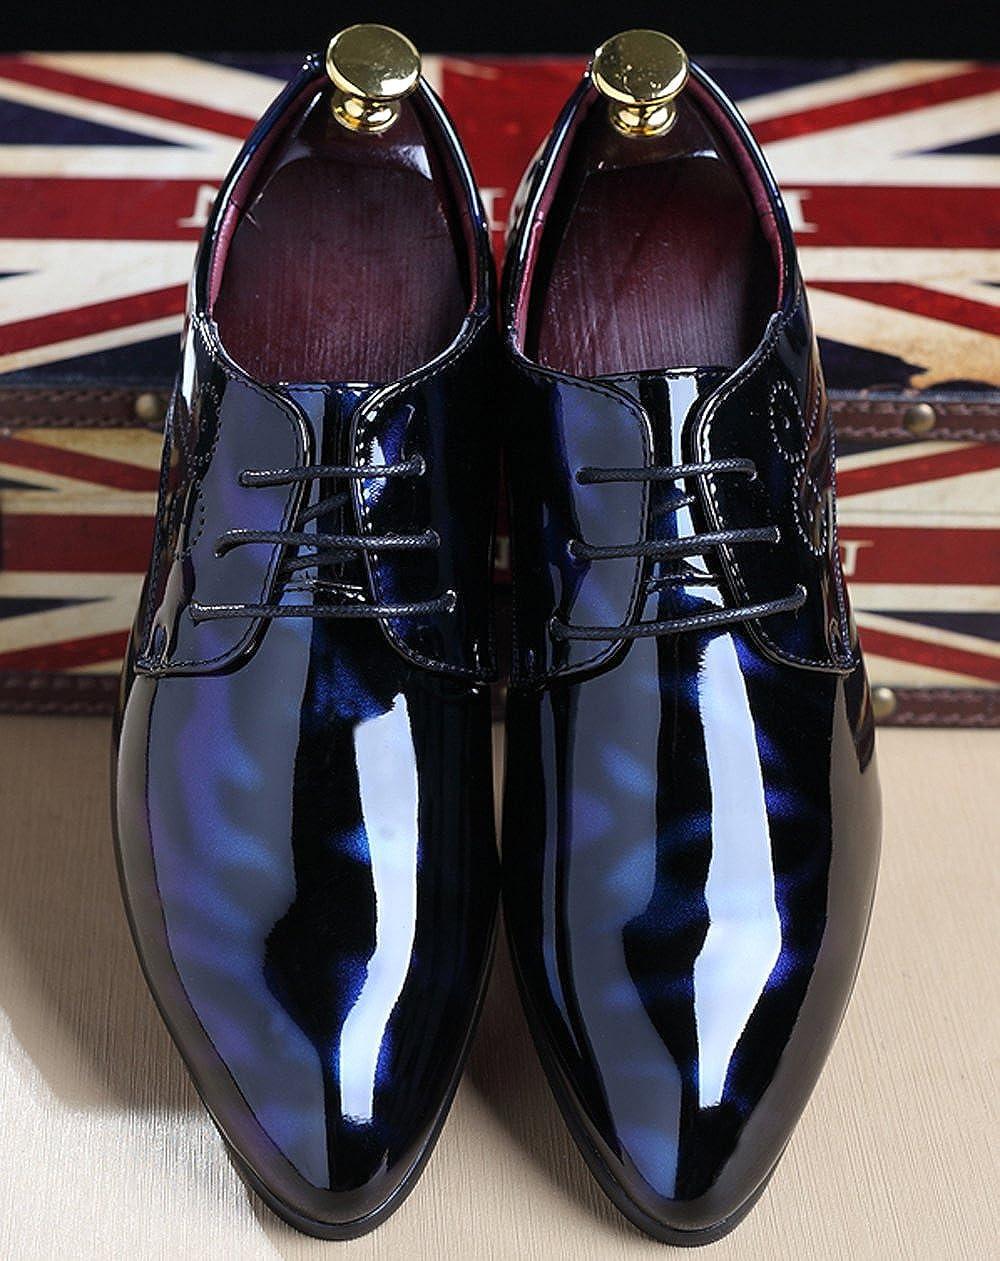 Schnürhalbschuh Lackleder Schuhe Herren Derby Klassischer Rahmengenähter mit Oxford Schnürung Rote 45 EU ttKQLYlI